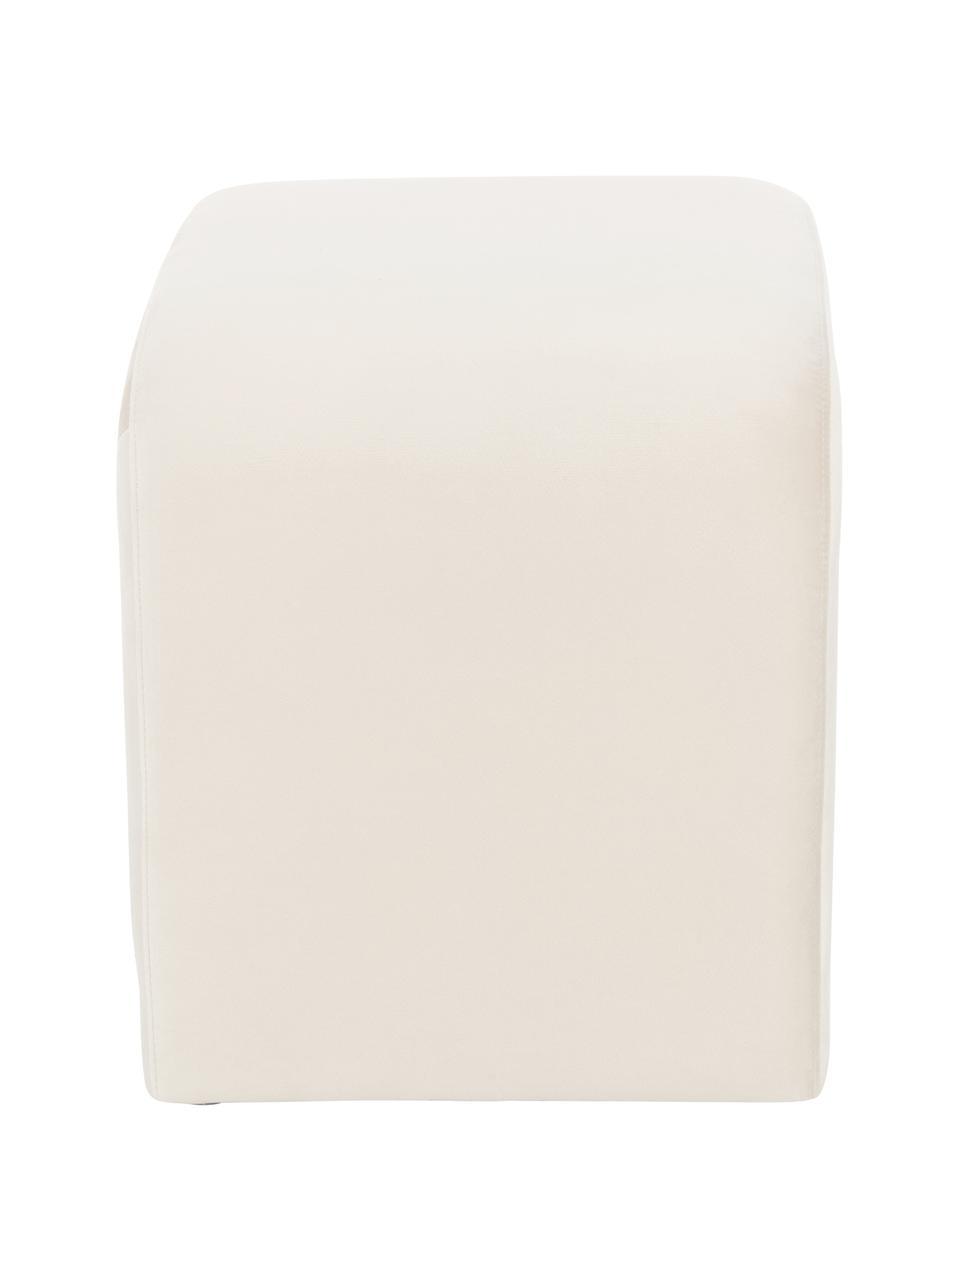 Sgabello in velluto Penelope, Rivestimento: velluto (poliestere) 25.0, Struttura: metallo truciolato, Bianco crema, Larg. 61 x Alt. 46 cm